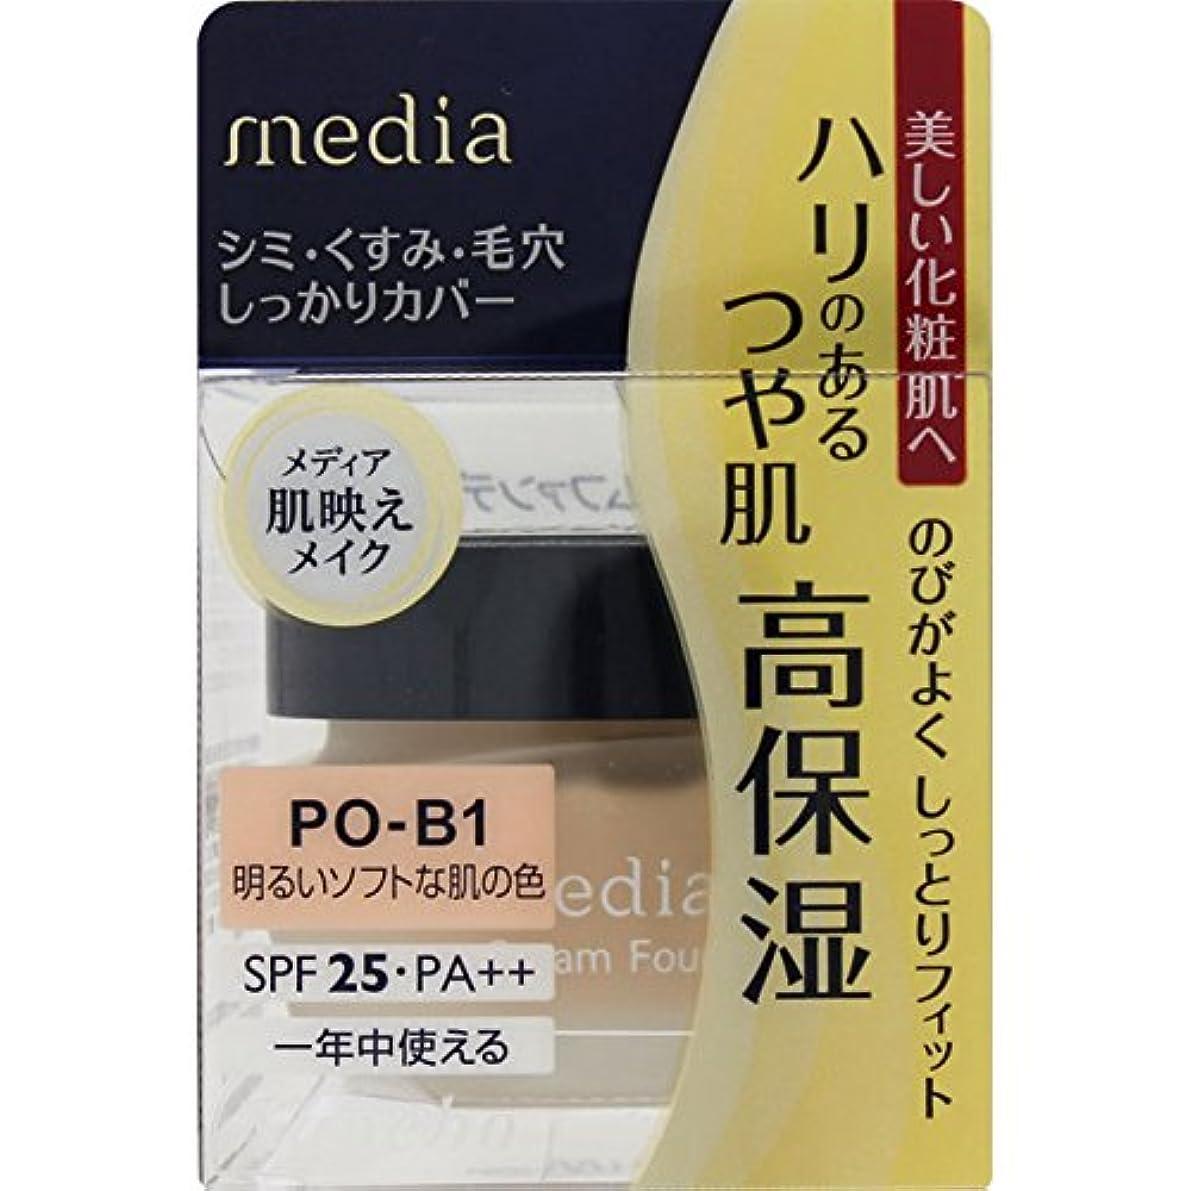 セミナー名前を作るエーカーカネボウ化粧品 メディア クリームファンデーション 明るいソフトな肌の色 POーB1